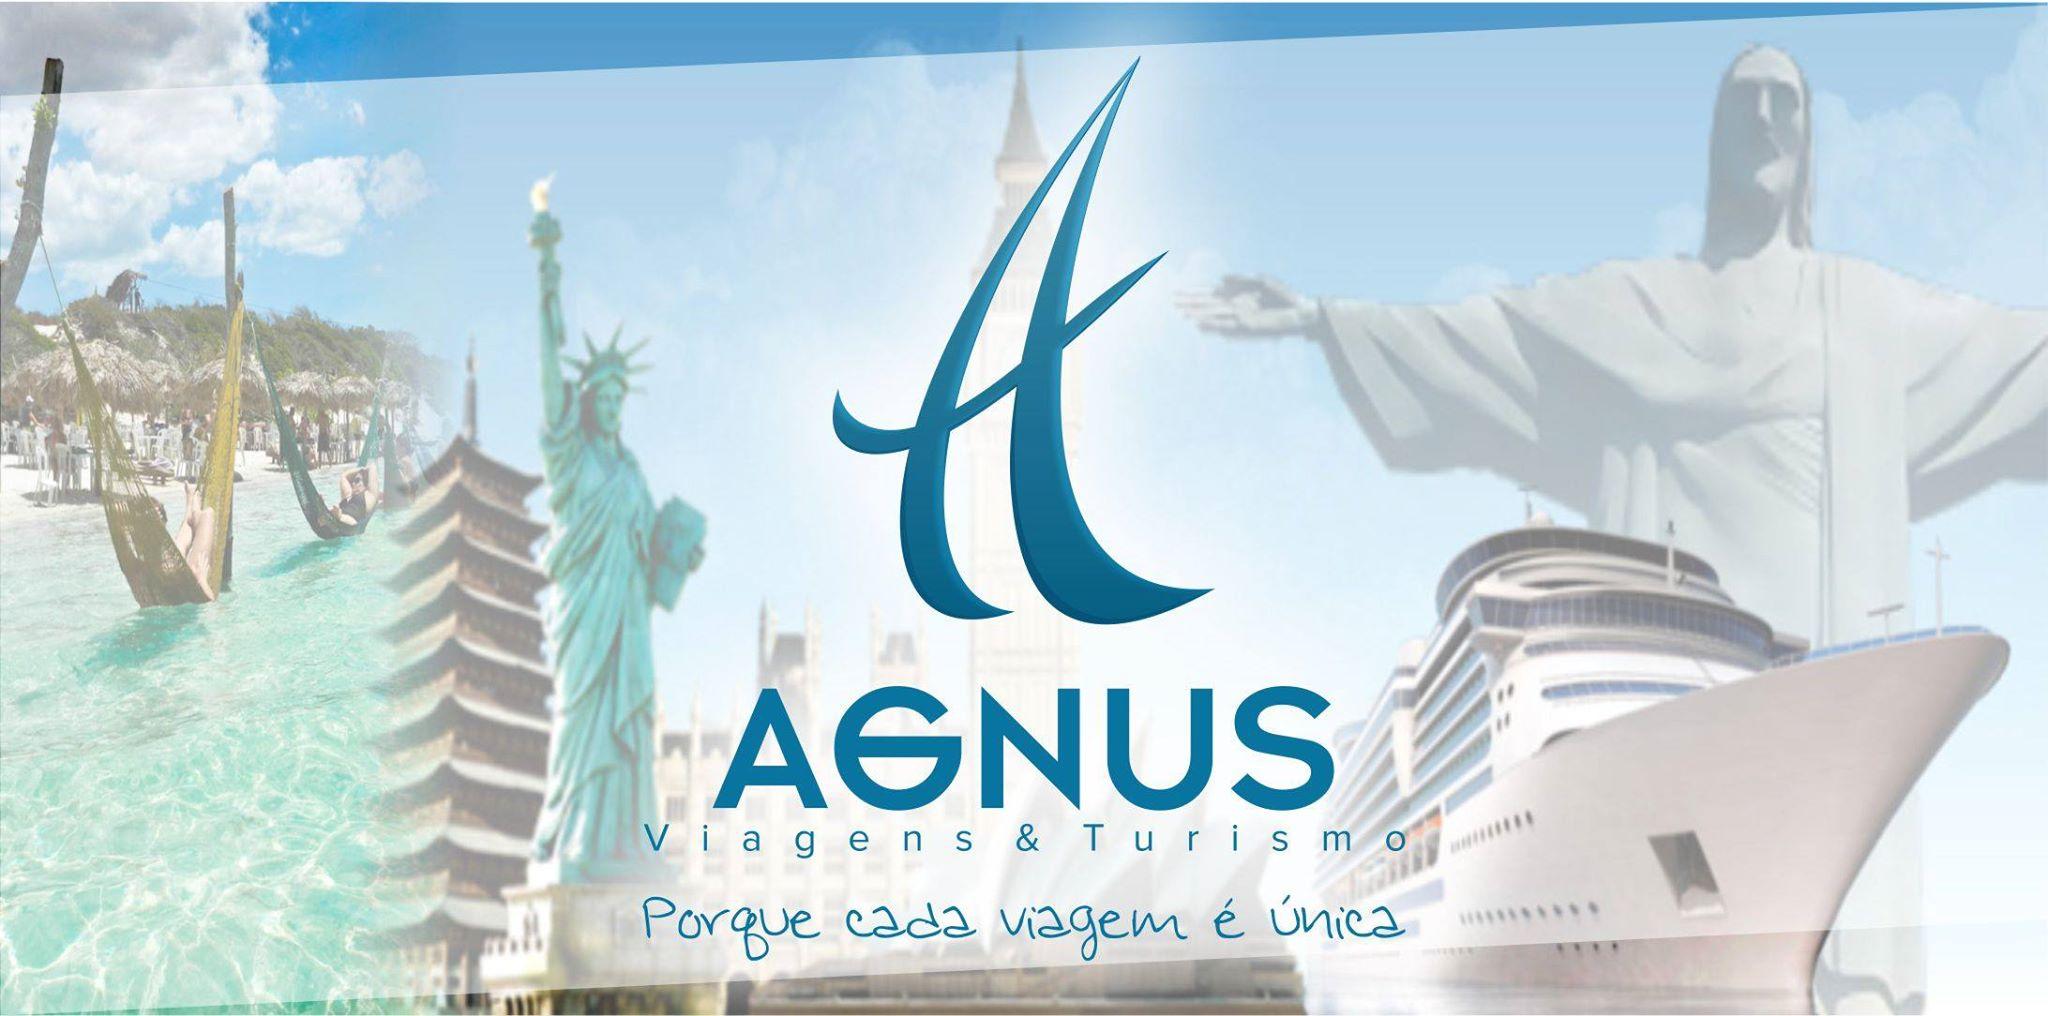 Agnus Viagens e Turismo